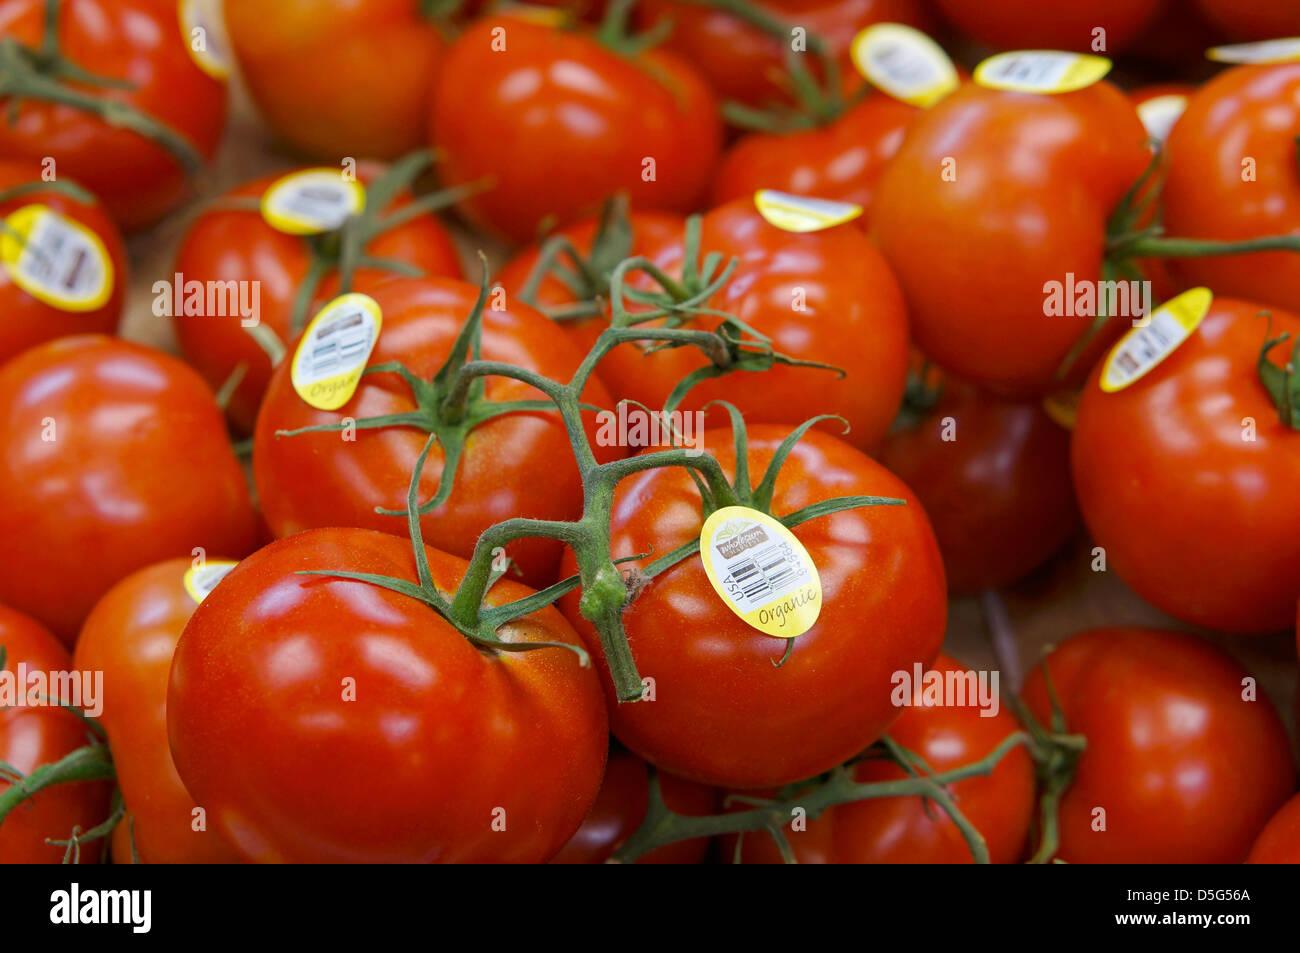 Organische Strauchtomaten mit Etiketten Stockbild